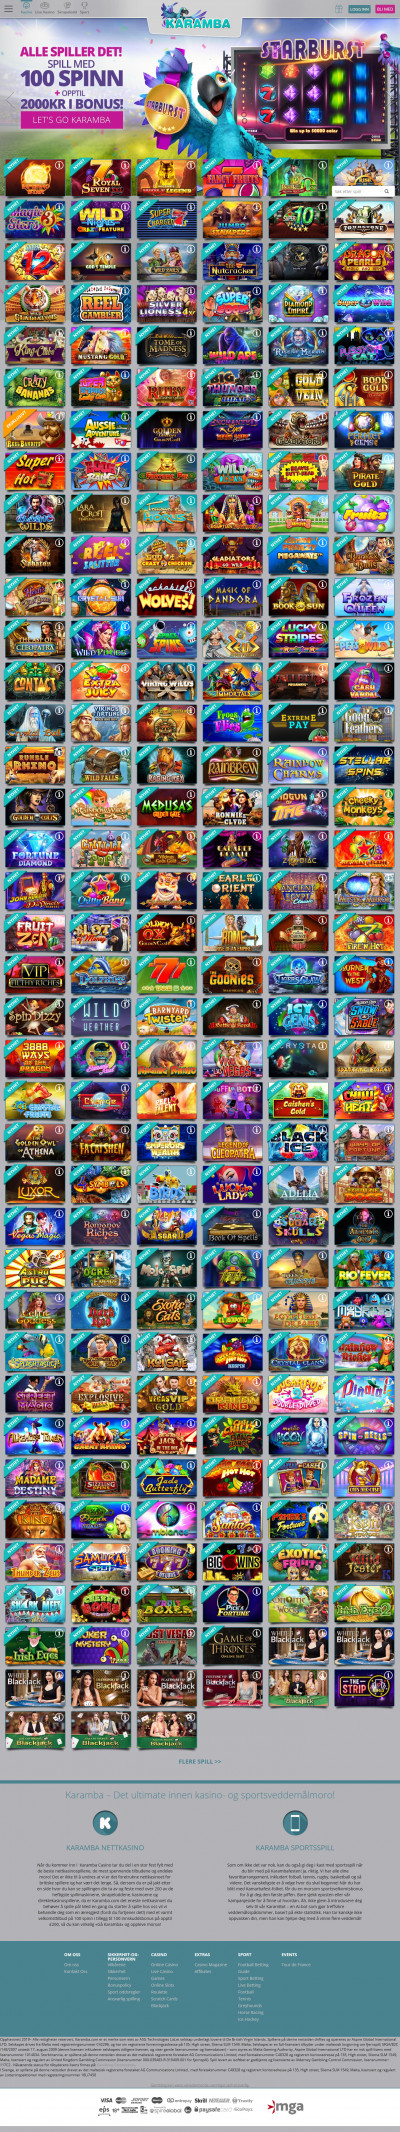 Karamba Casino Screenshot